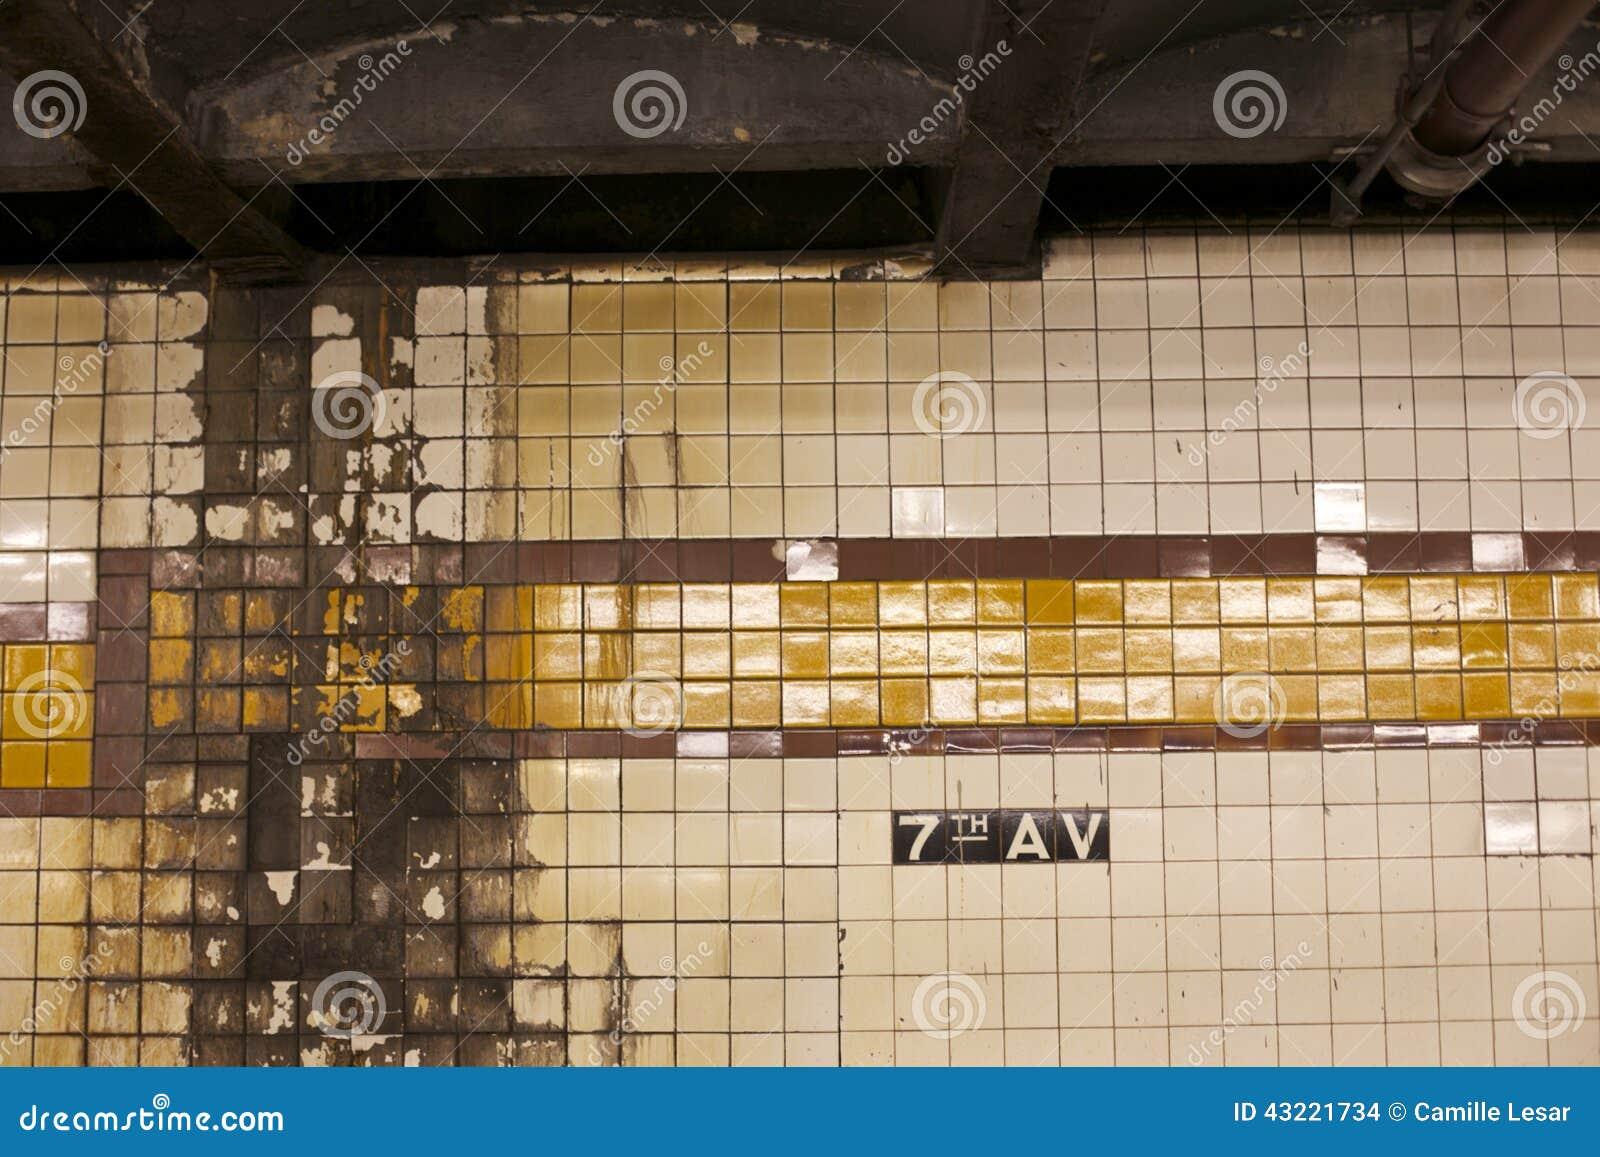 Abgenutzte Wände des U-Bahn-Systems